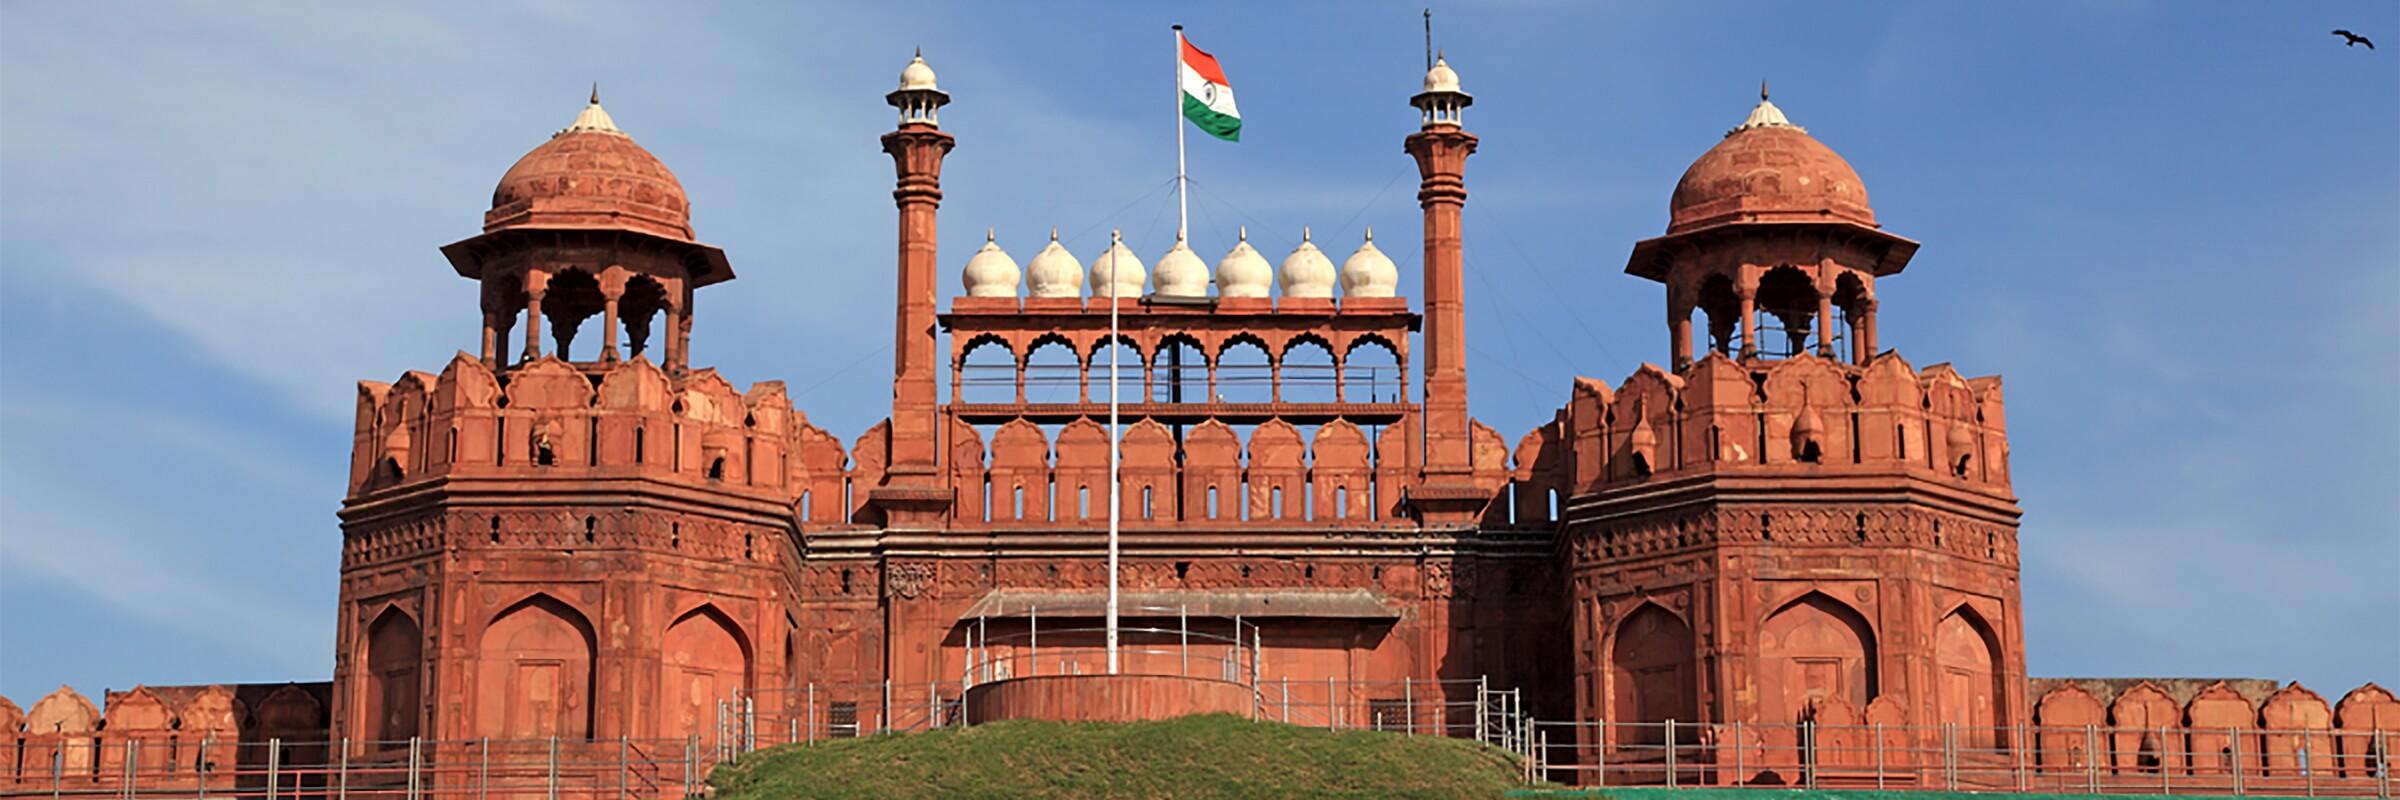 Festungs- und Palastanlage Rotes Fort aus Sandstein wurde von Mogulkaiser Shah Jahan erbaut und gehört seit 2007 zum UNESCO Weltkulturerbe.